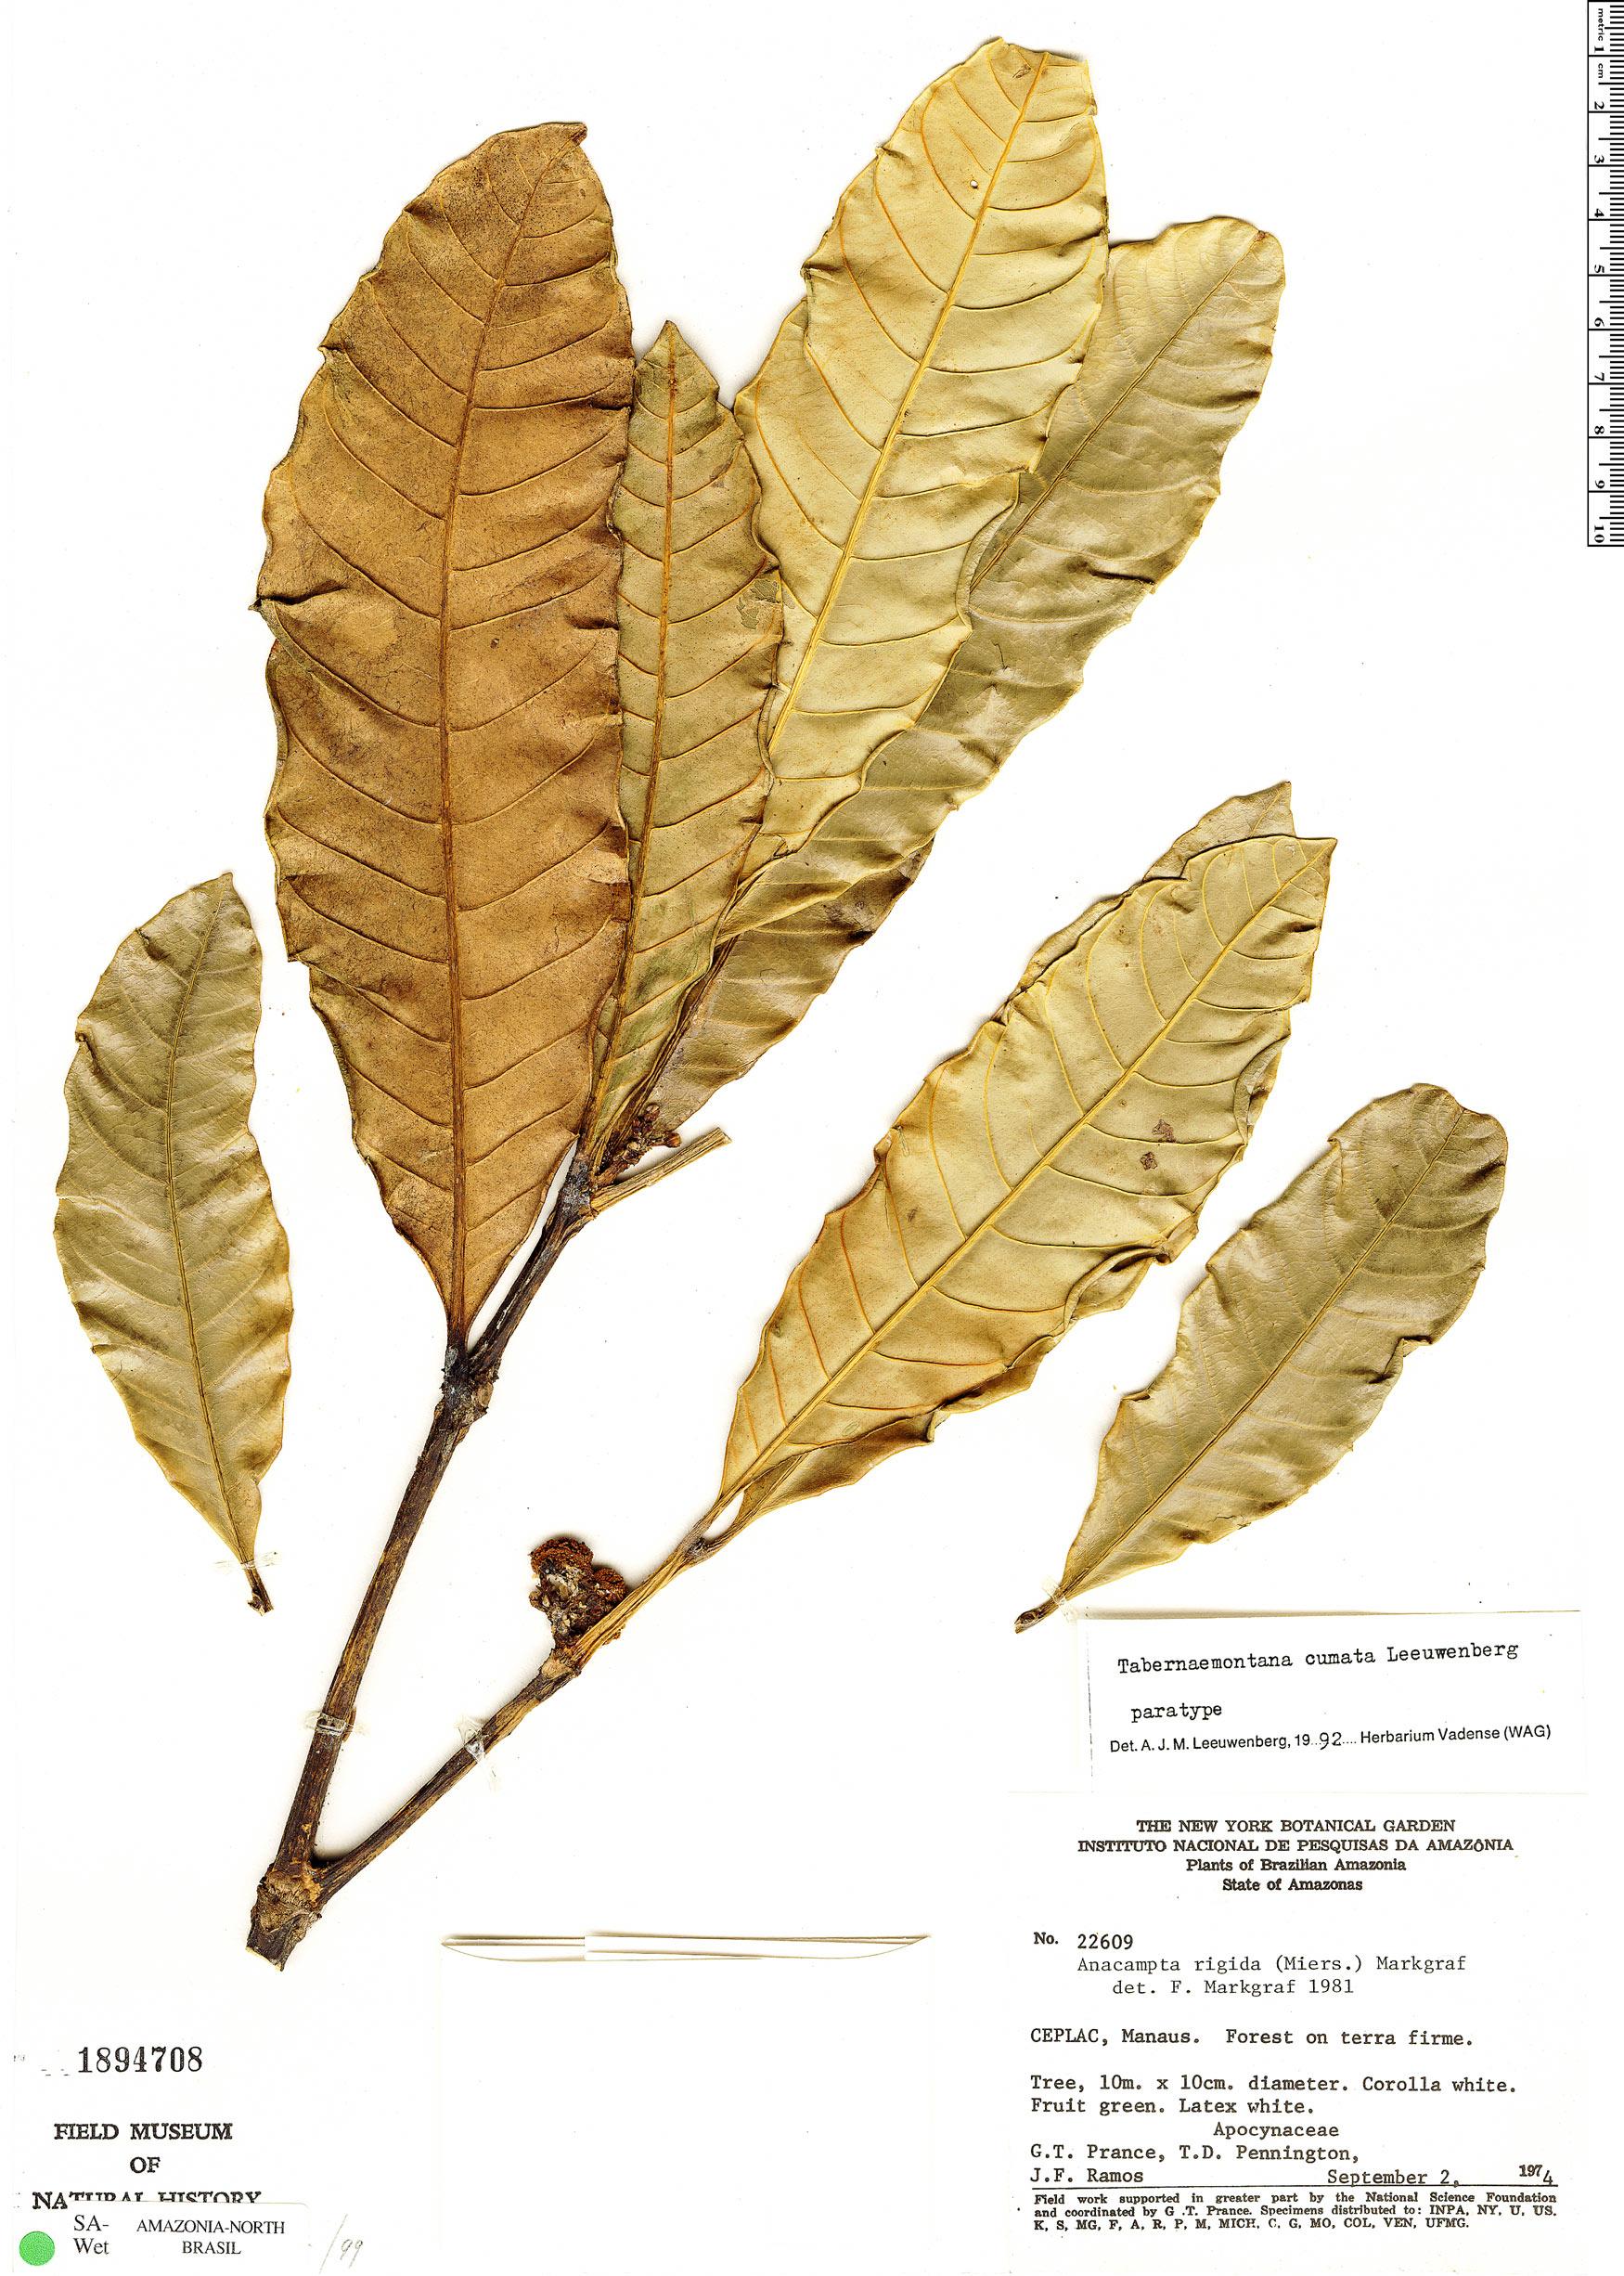 Specimen: Tabernaemontana cumata